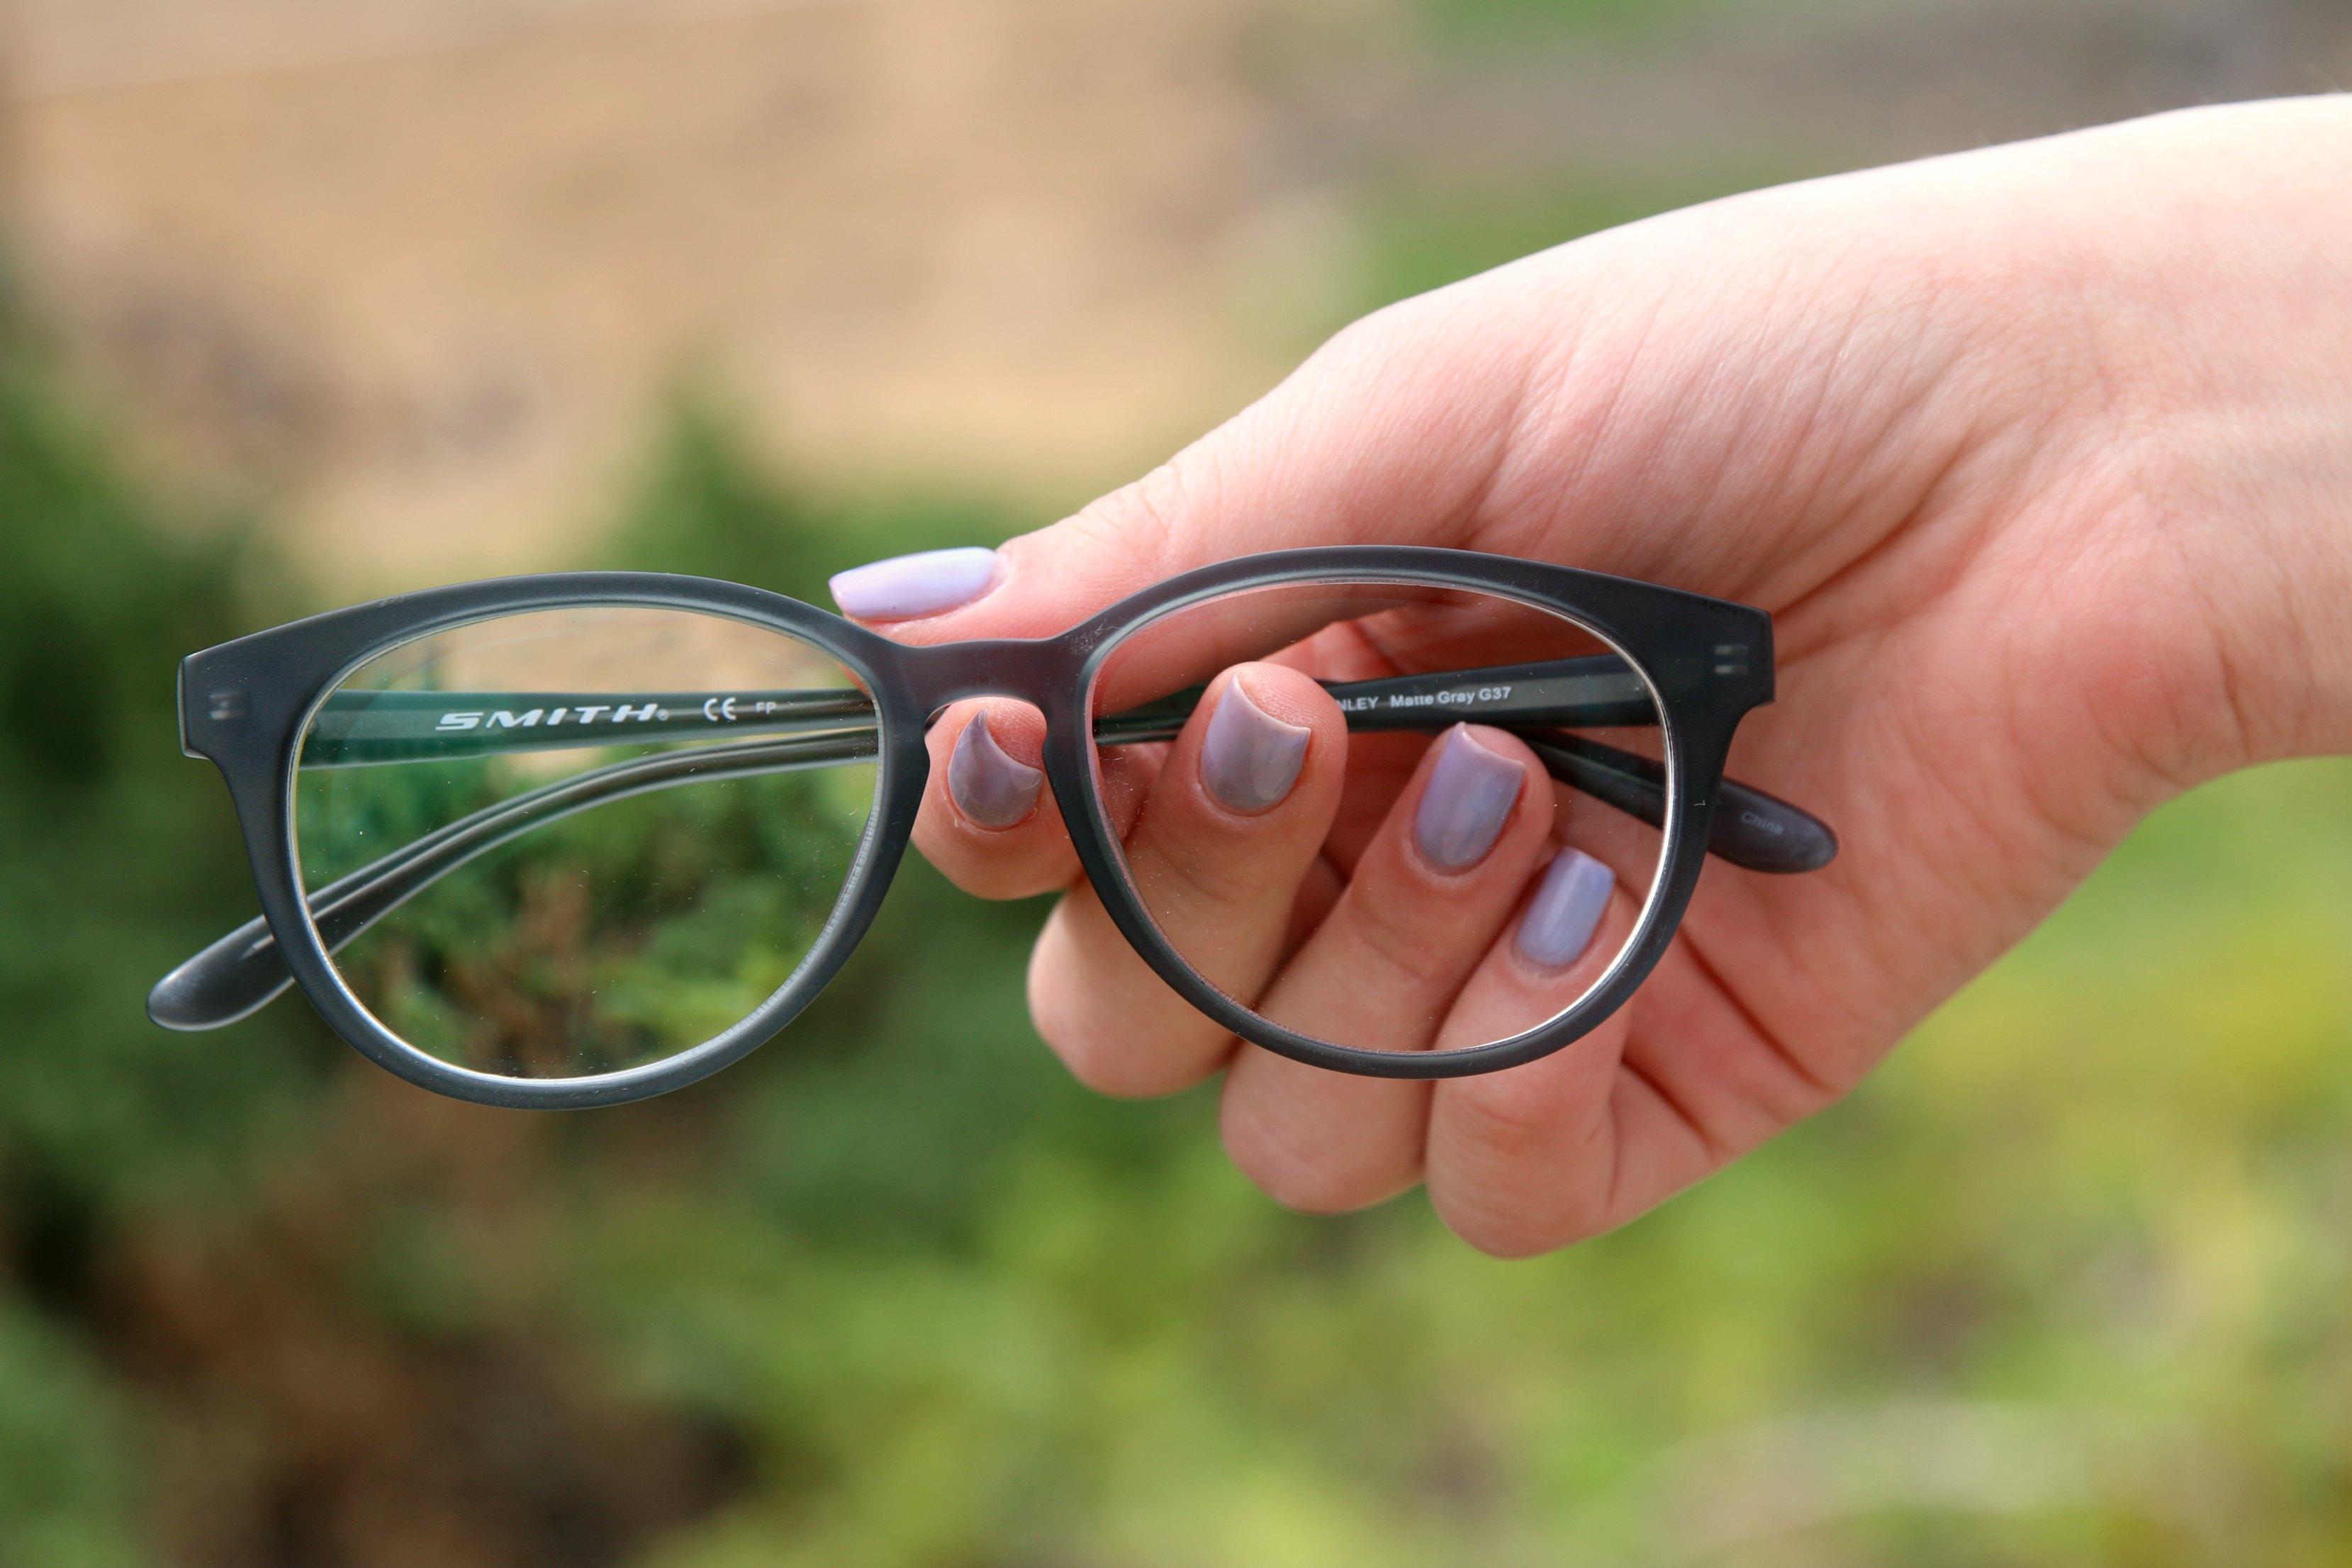 smith glasses